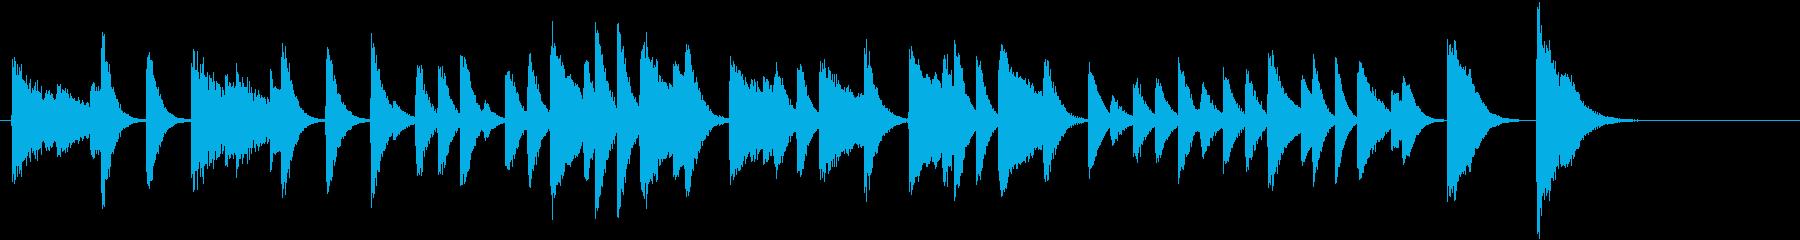 童謡・雪モチーフの冬のピアノジングルAの再生済みの波形